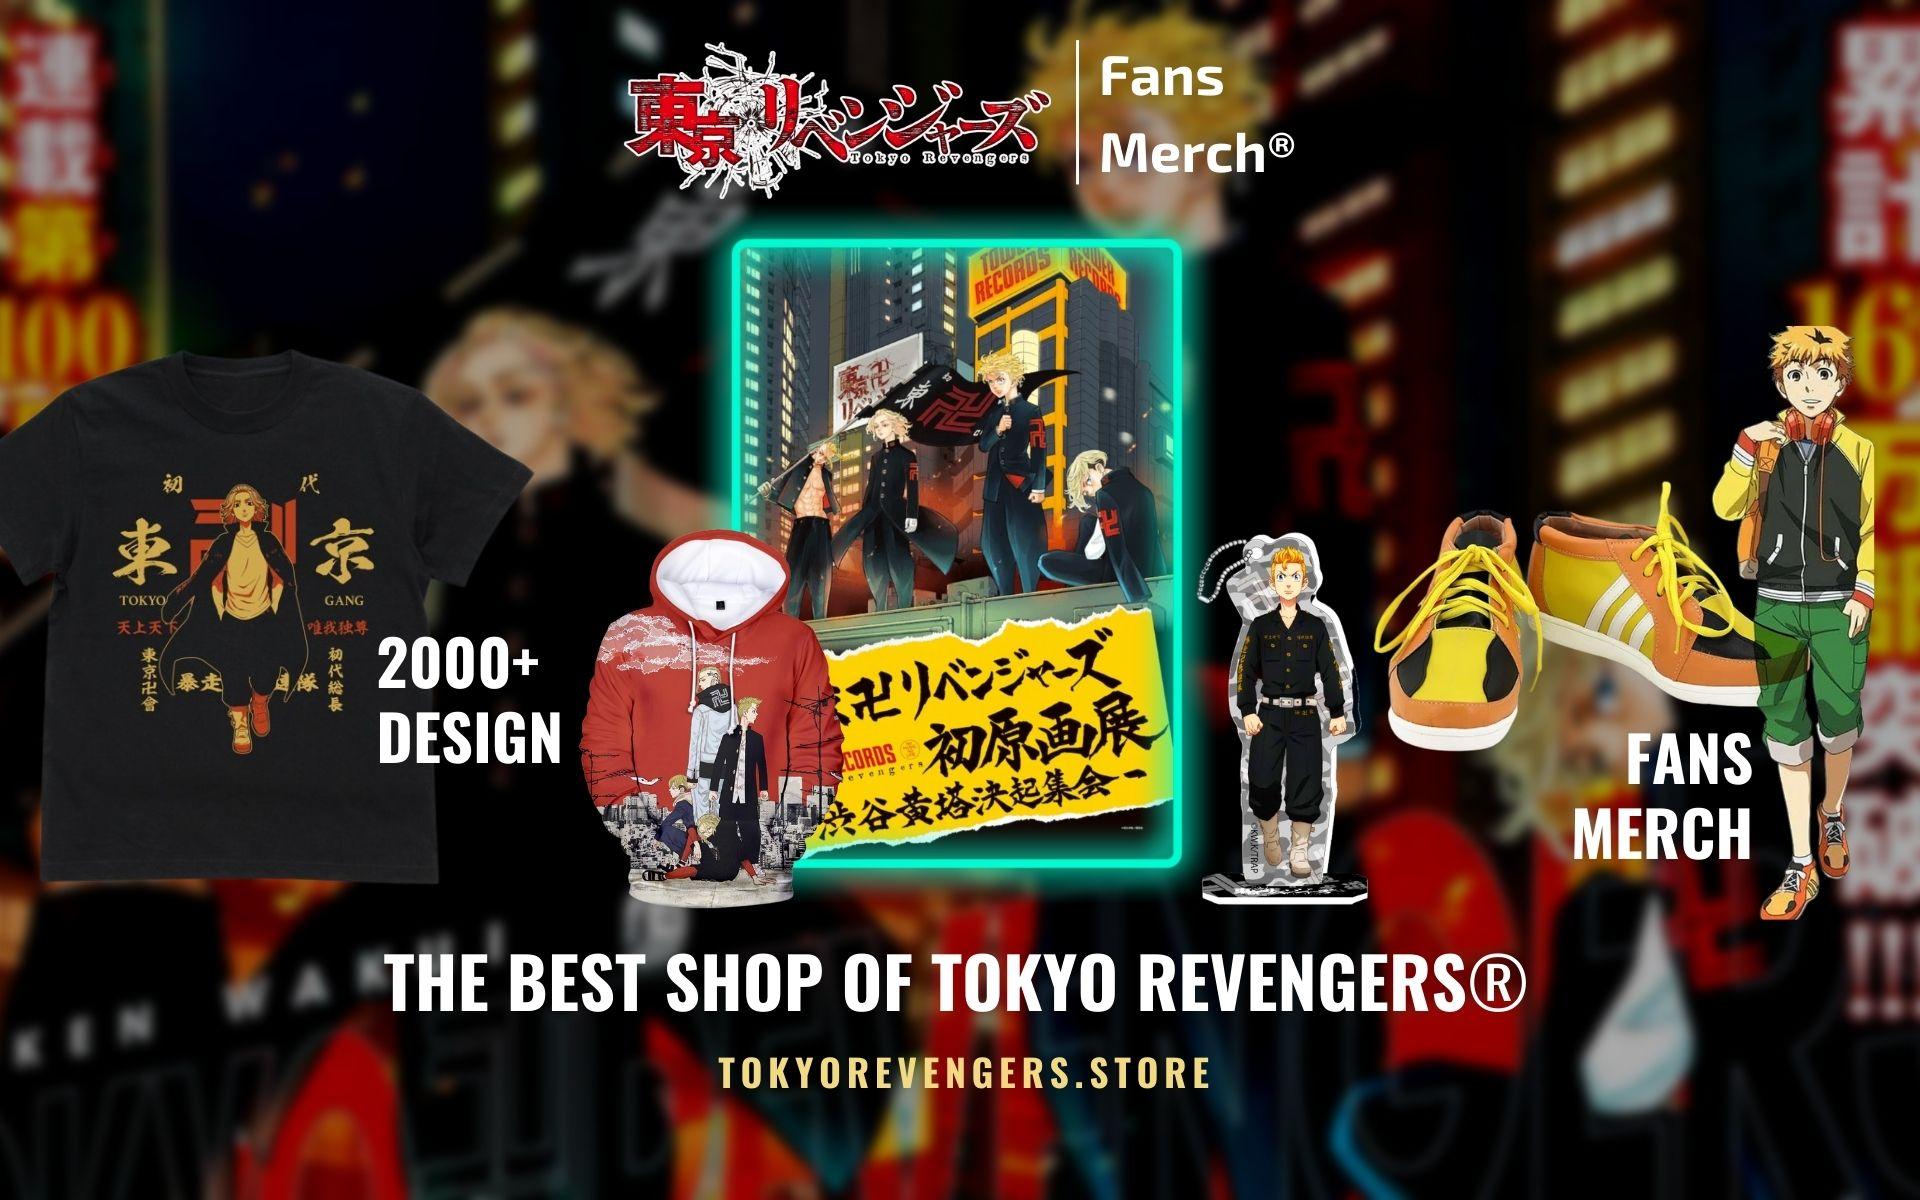 Tokyo Revengers Merch Web Banner - Tokyo Revengers Merch